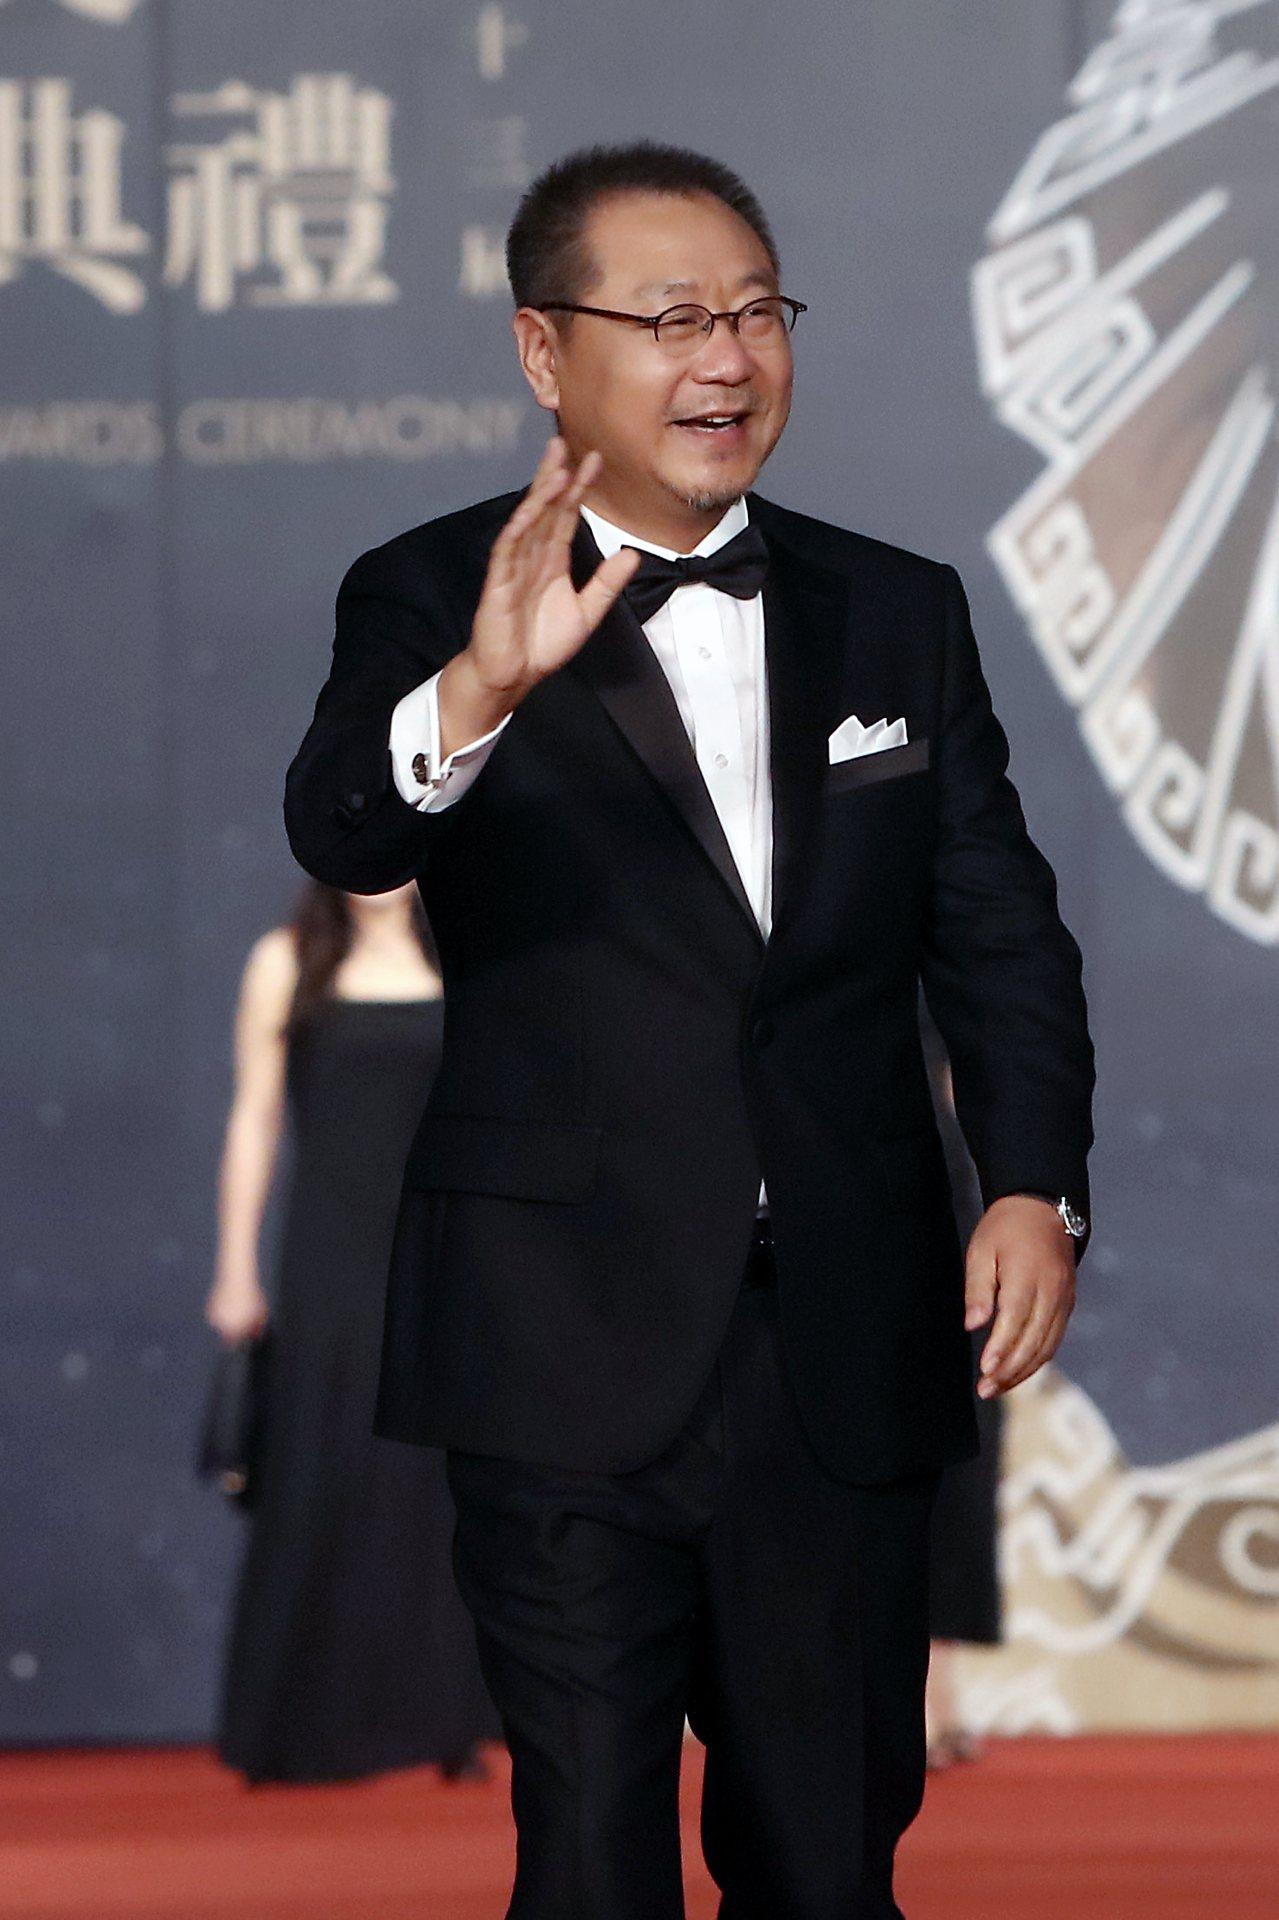 范偉配戴伯爵奪得金馬53最佳男主角。圖/伯爵提供